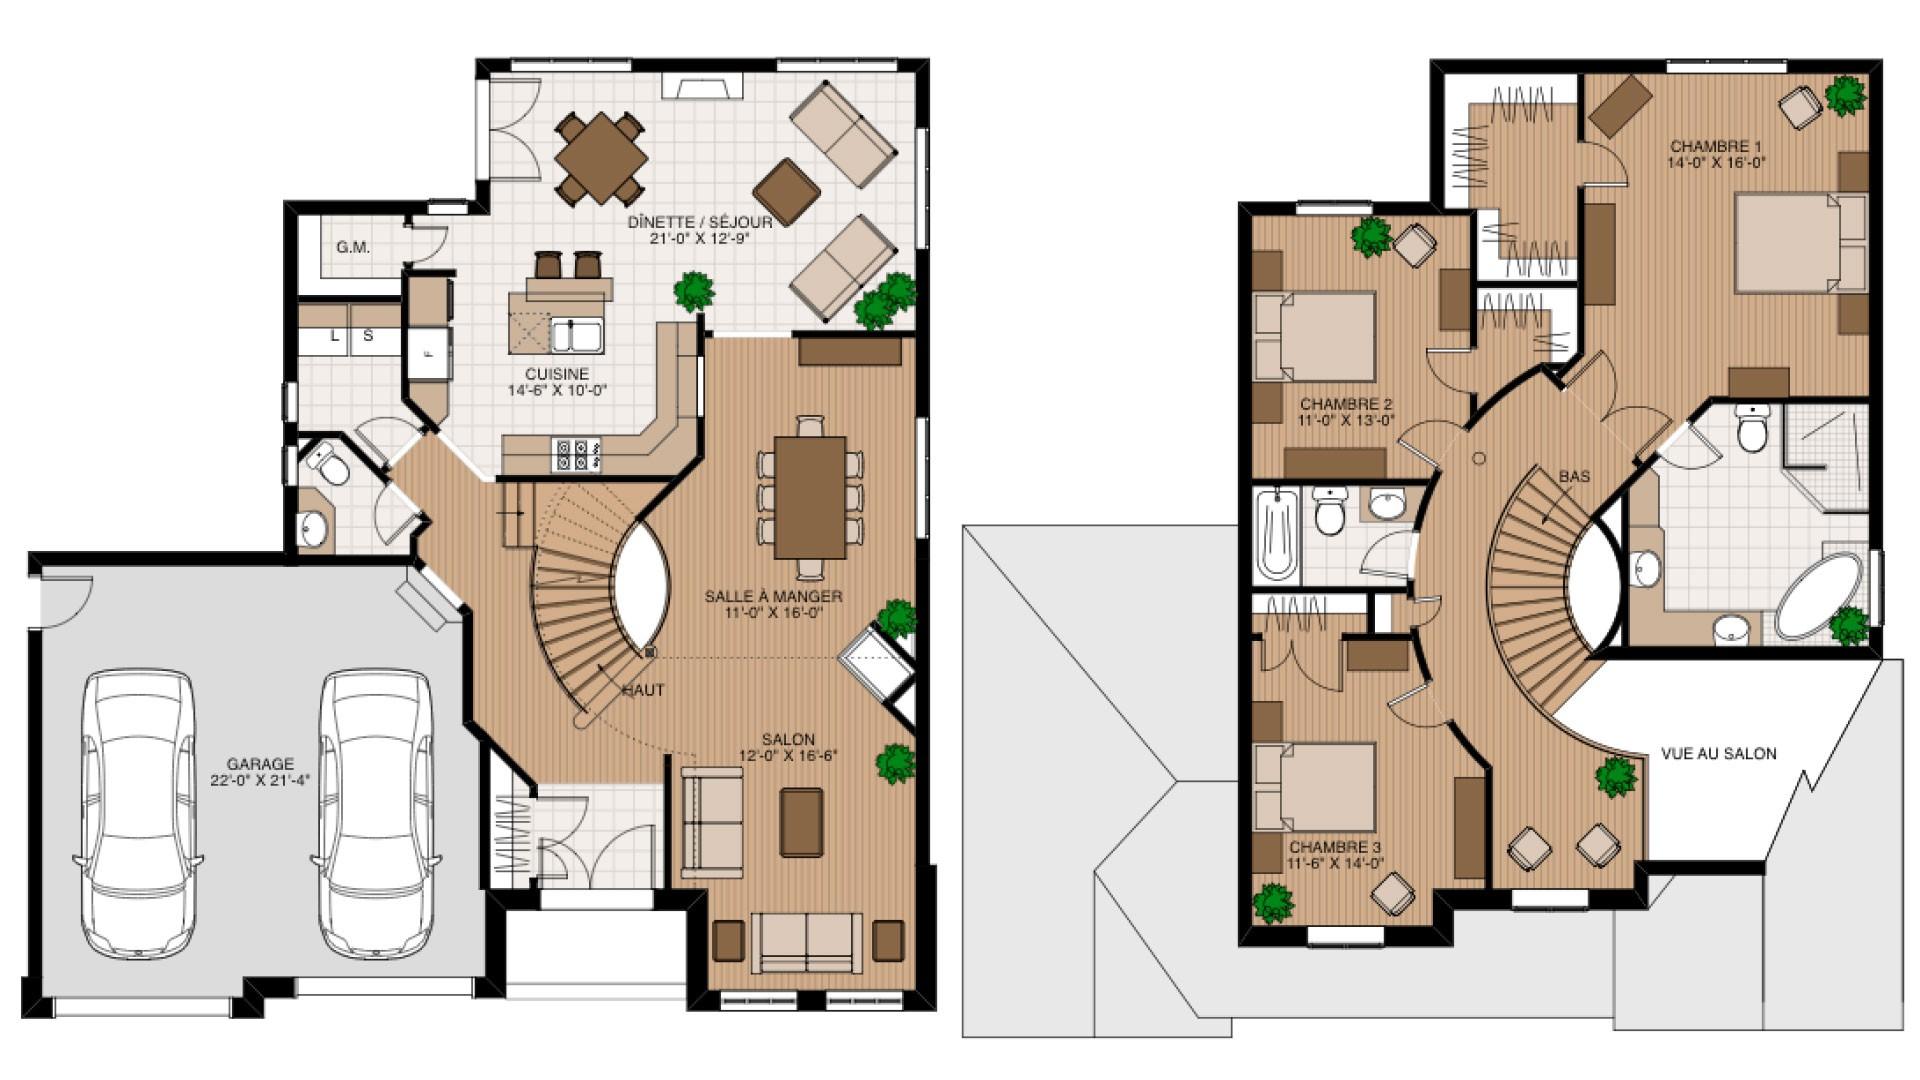 Cottage_Classique_Karma_Plan de maison de luxe_Domicil